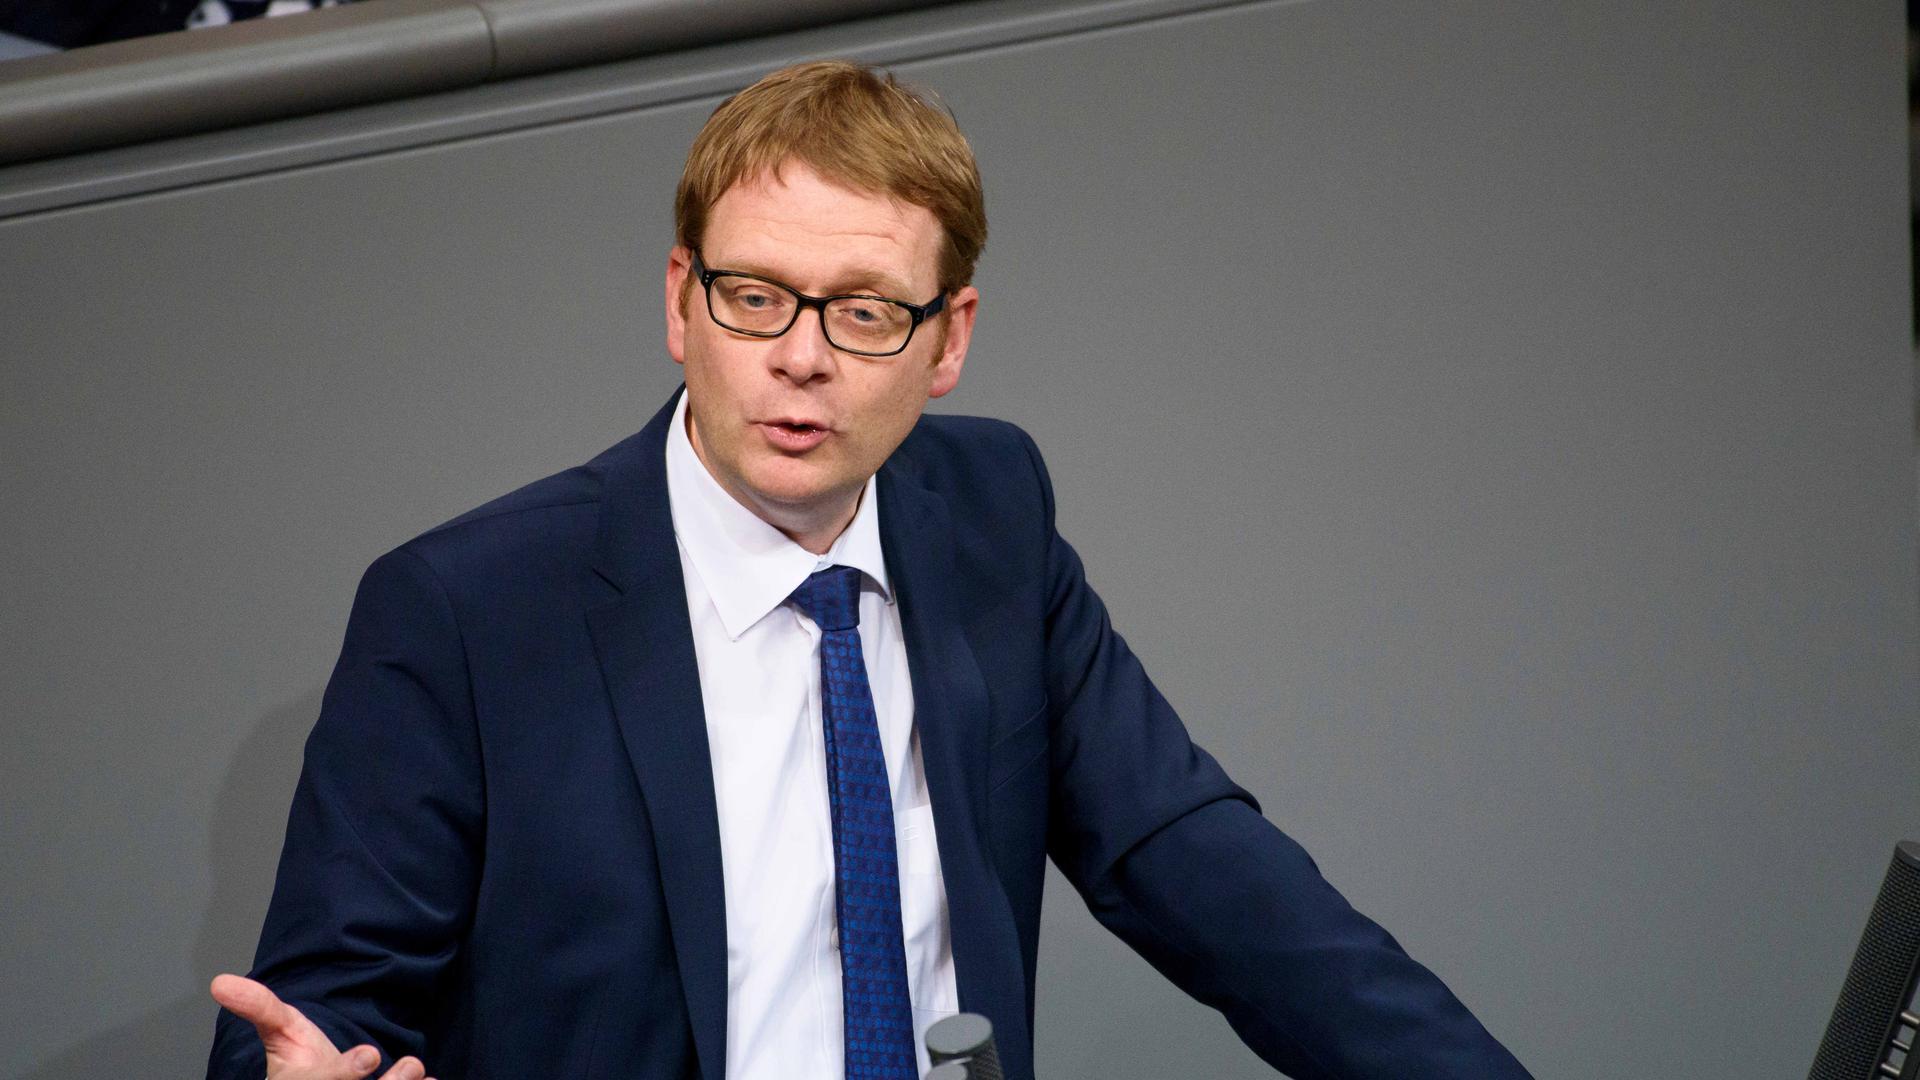 Der Bundestagsabgeordnete, Thomas Gebhart (CDU/CSU), spricht am 30.03.2017 während der Debatte über den Gesetzesentwurf «Getrennterfassung von wertstoffhaltigen Abfällen» im Rahmen der 228. Sitzung des Deutschen Bundestages in Berlin. Foto: Gregor Fischer/dpa ++ +++ dpa-Bildfunk +++